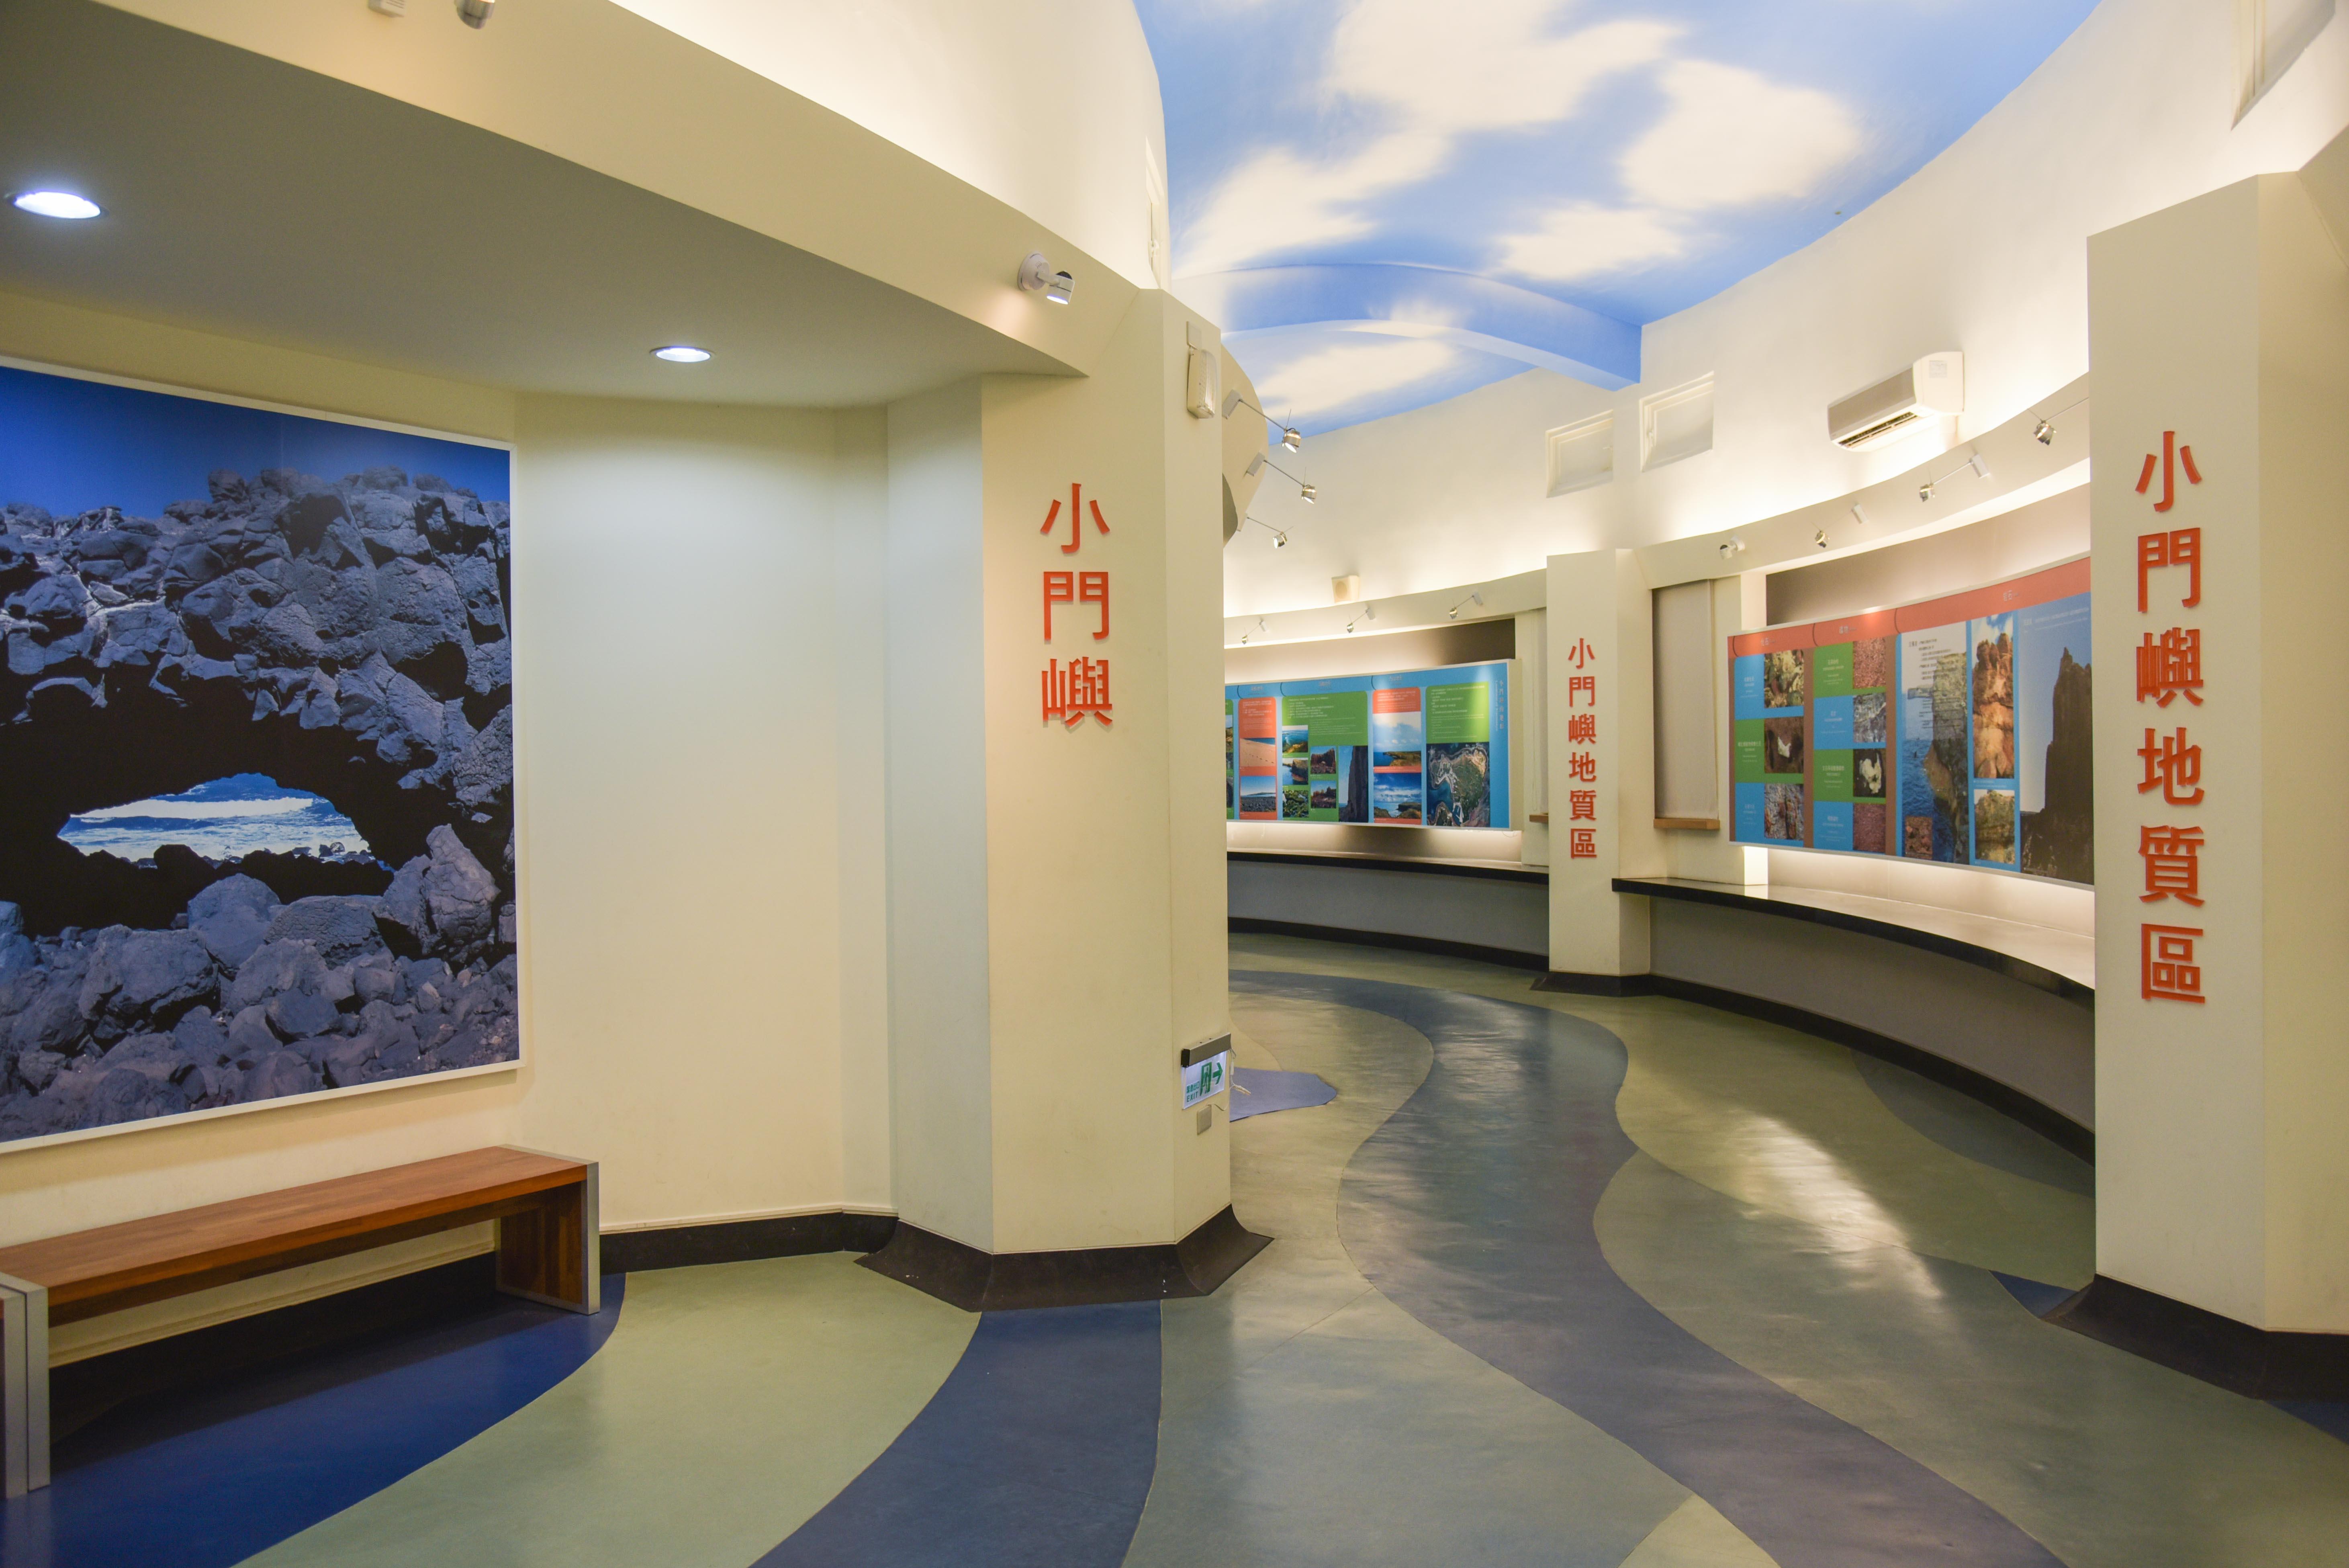 小門地質館の展示コーナー